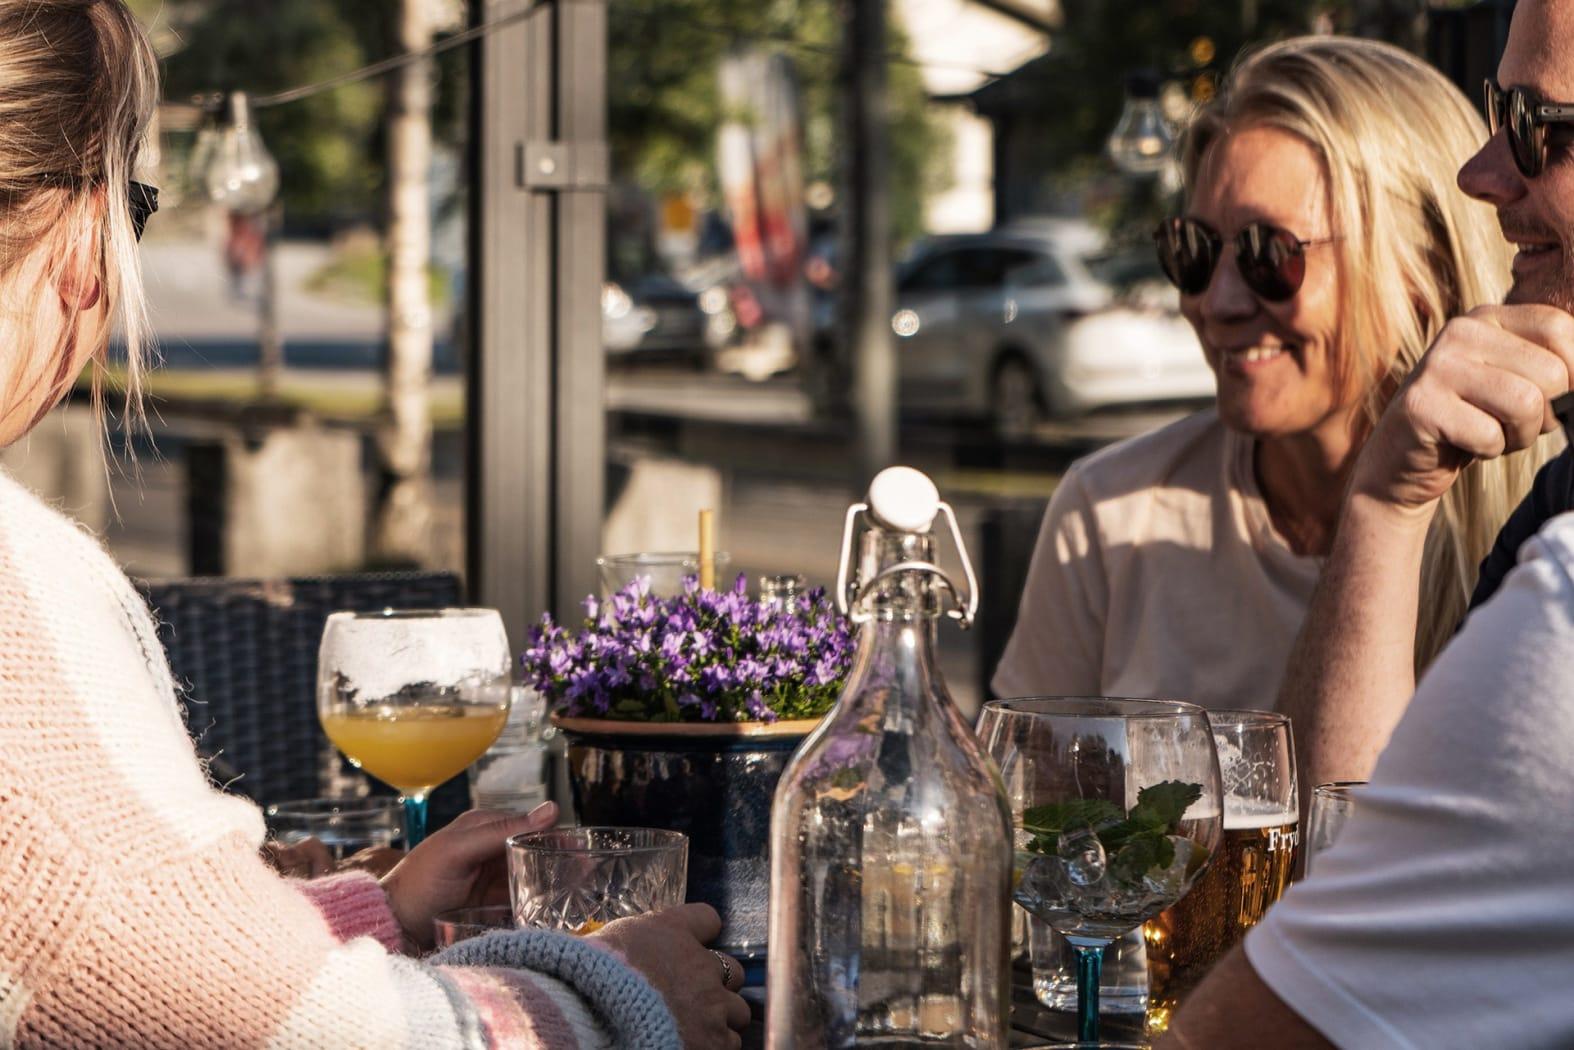 Hemsedal sentrum har en rekke hyggelige restauranter. Foto Nicolai Gunner Larsen/hemsedal.com.